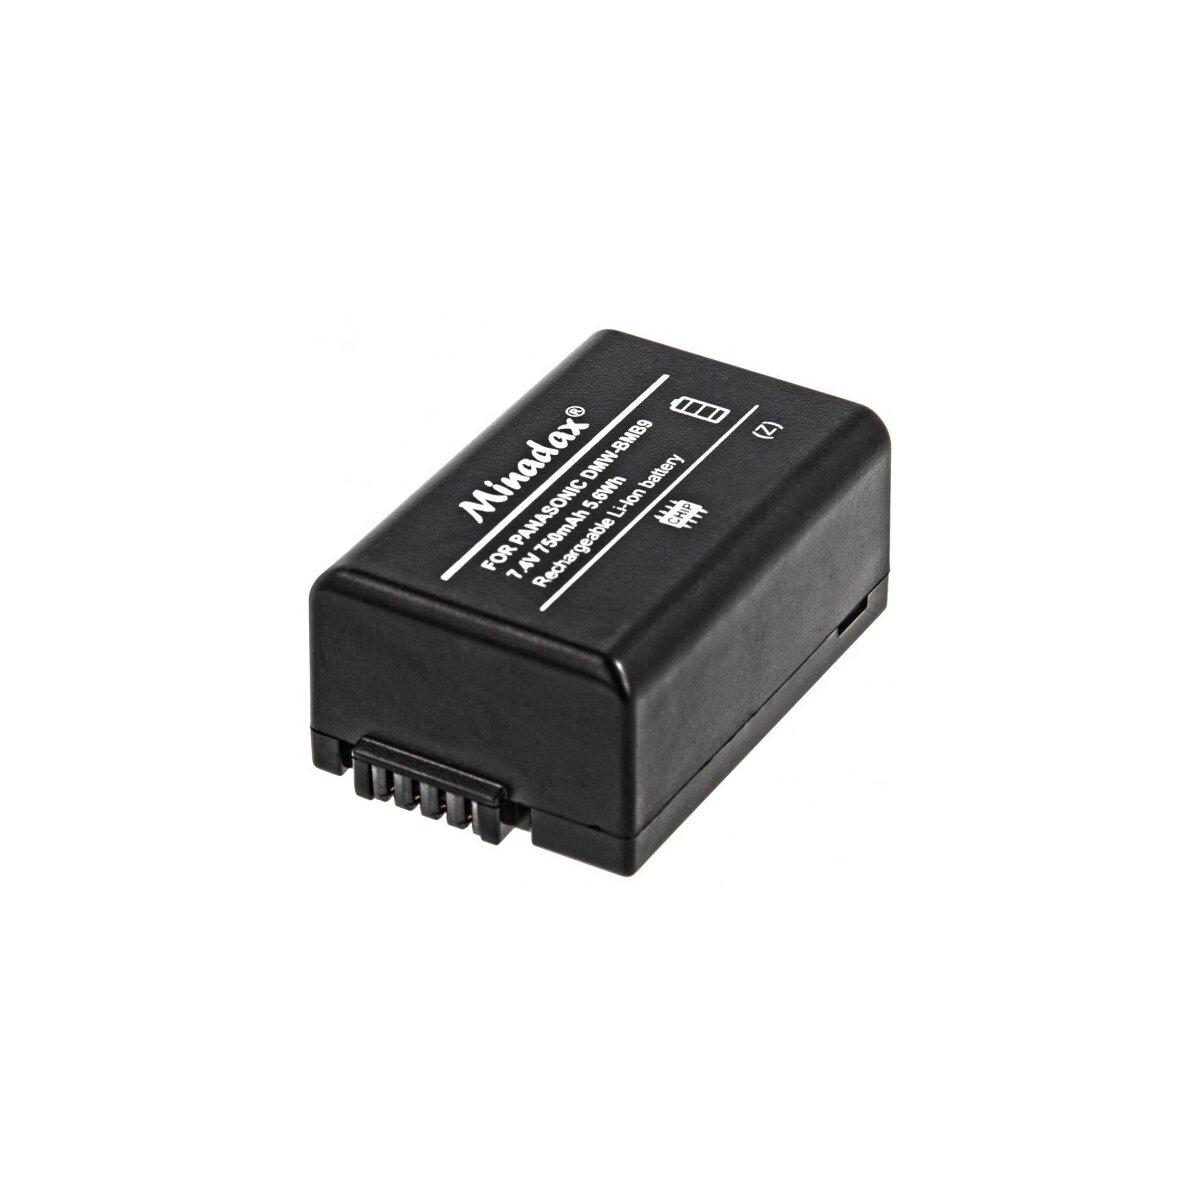 Minadax® Qualitätsakku mit echten 750 mAh kompatibel mit Panasonic Lumix DMC FZ72 FZ62 FZ45 FZ48 FZ100 FZ150, Ersatz für DMW BMB9 - Intelligentes Akkusystem mit Chip